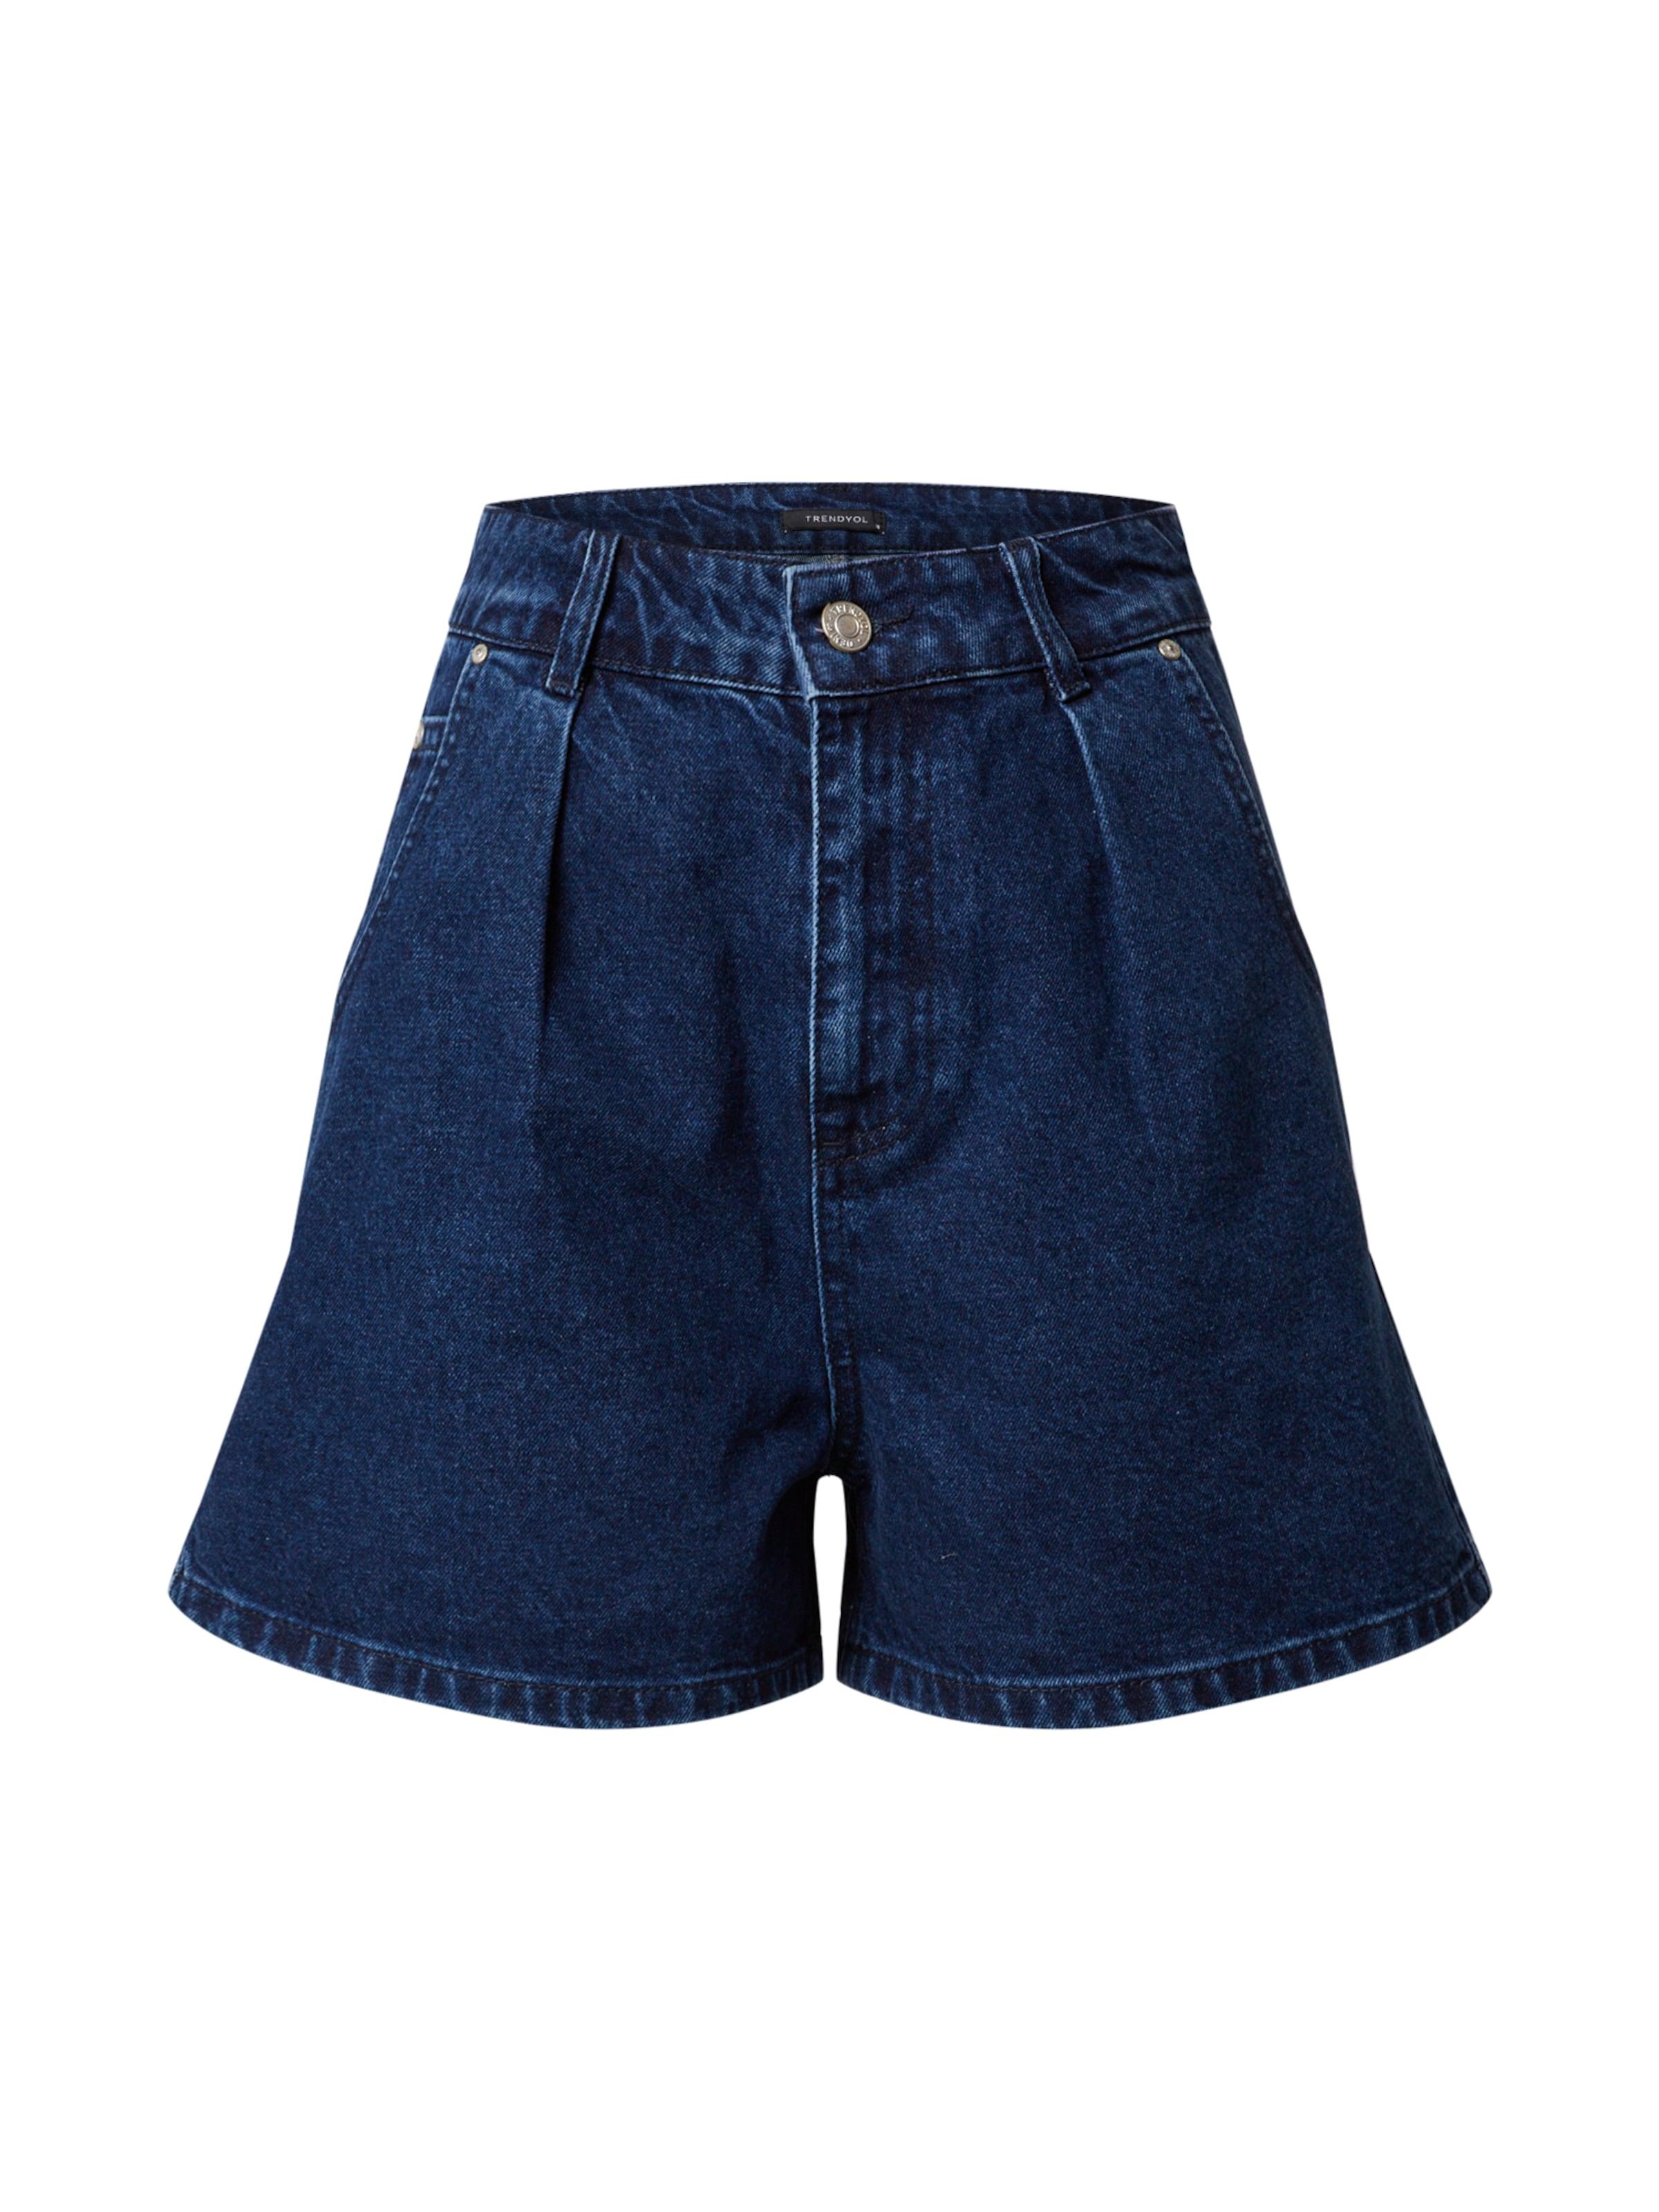 Trendyol Jeans i blå / blå denim